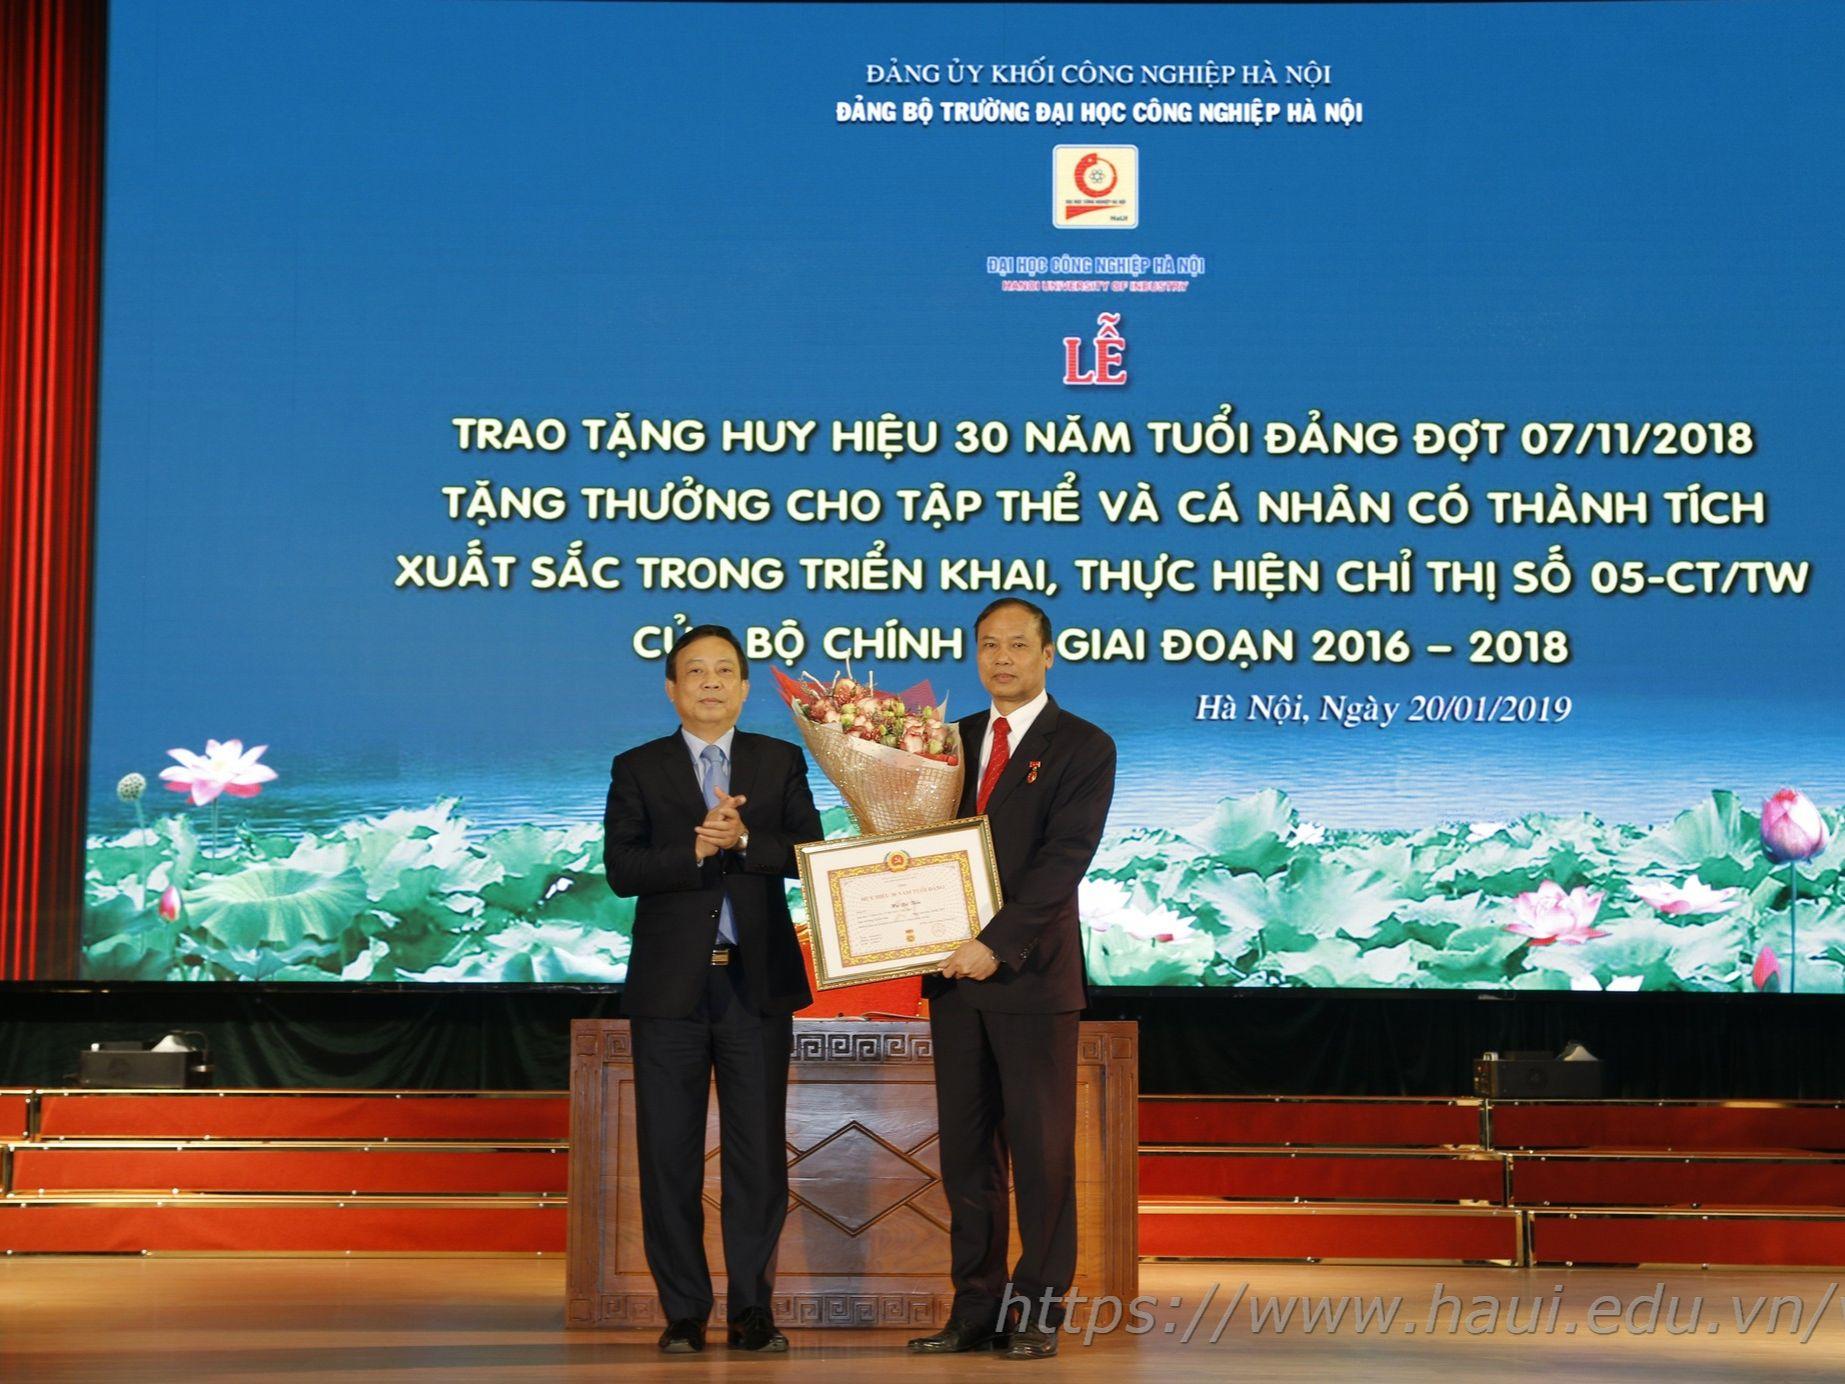 Trao tặng Huy hiệu 30 năm tuổi Đảng; Tặng thưởng cho tập thể và cá nhân có thành tích xuất sắc thực hiện Chỉ thị số 05-CT/TW giai đoạn 2016-2018; Tổng kết công tác Đảng 6 tháng cuối năm 2018 và triển khai nhiệm vụ 6 tháng đầu năm 2019